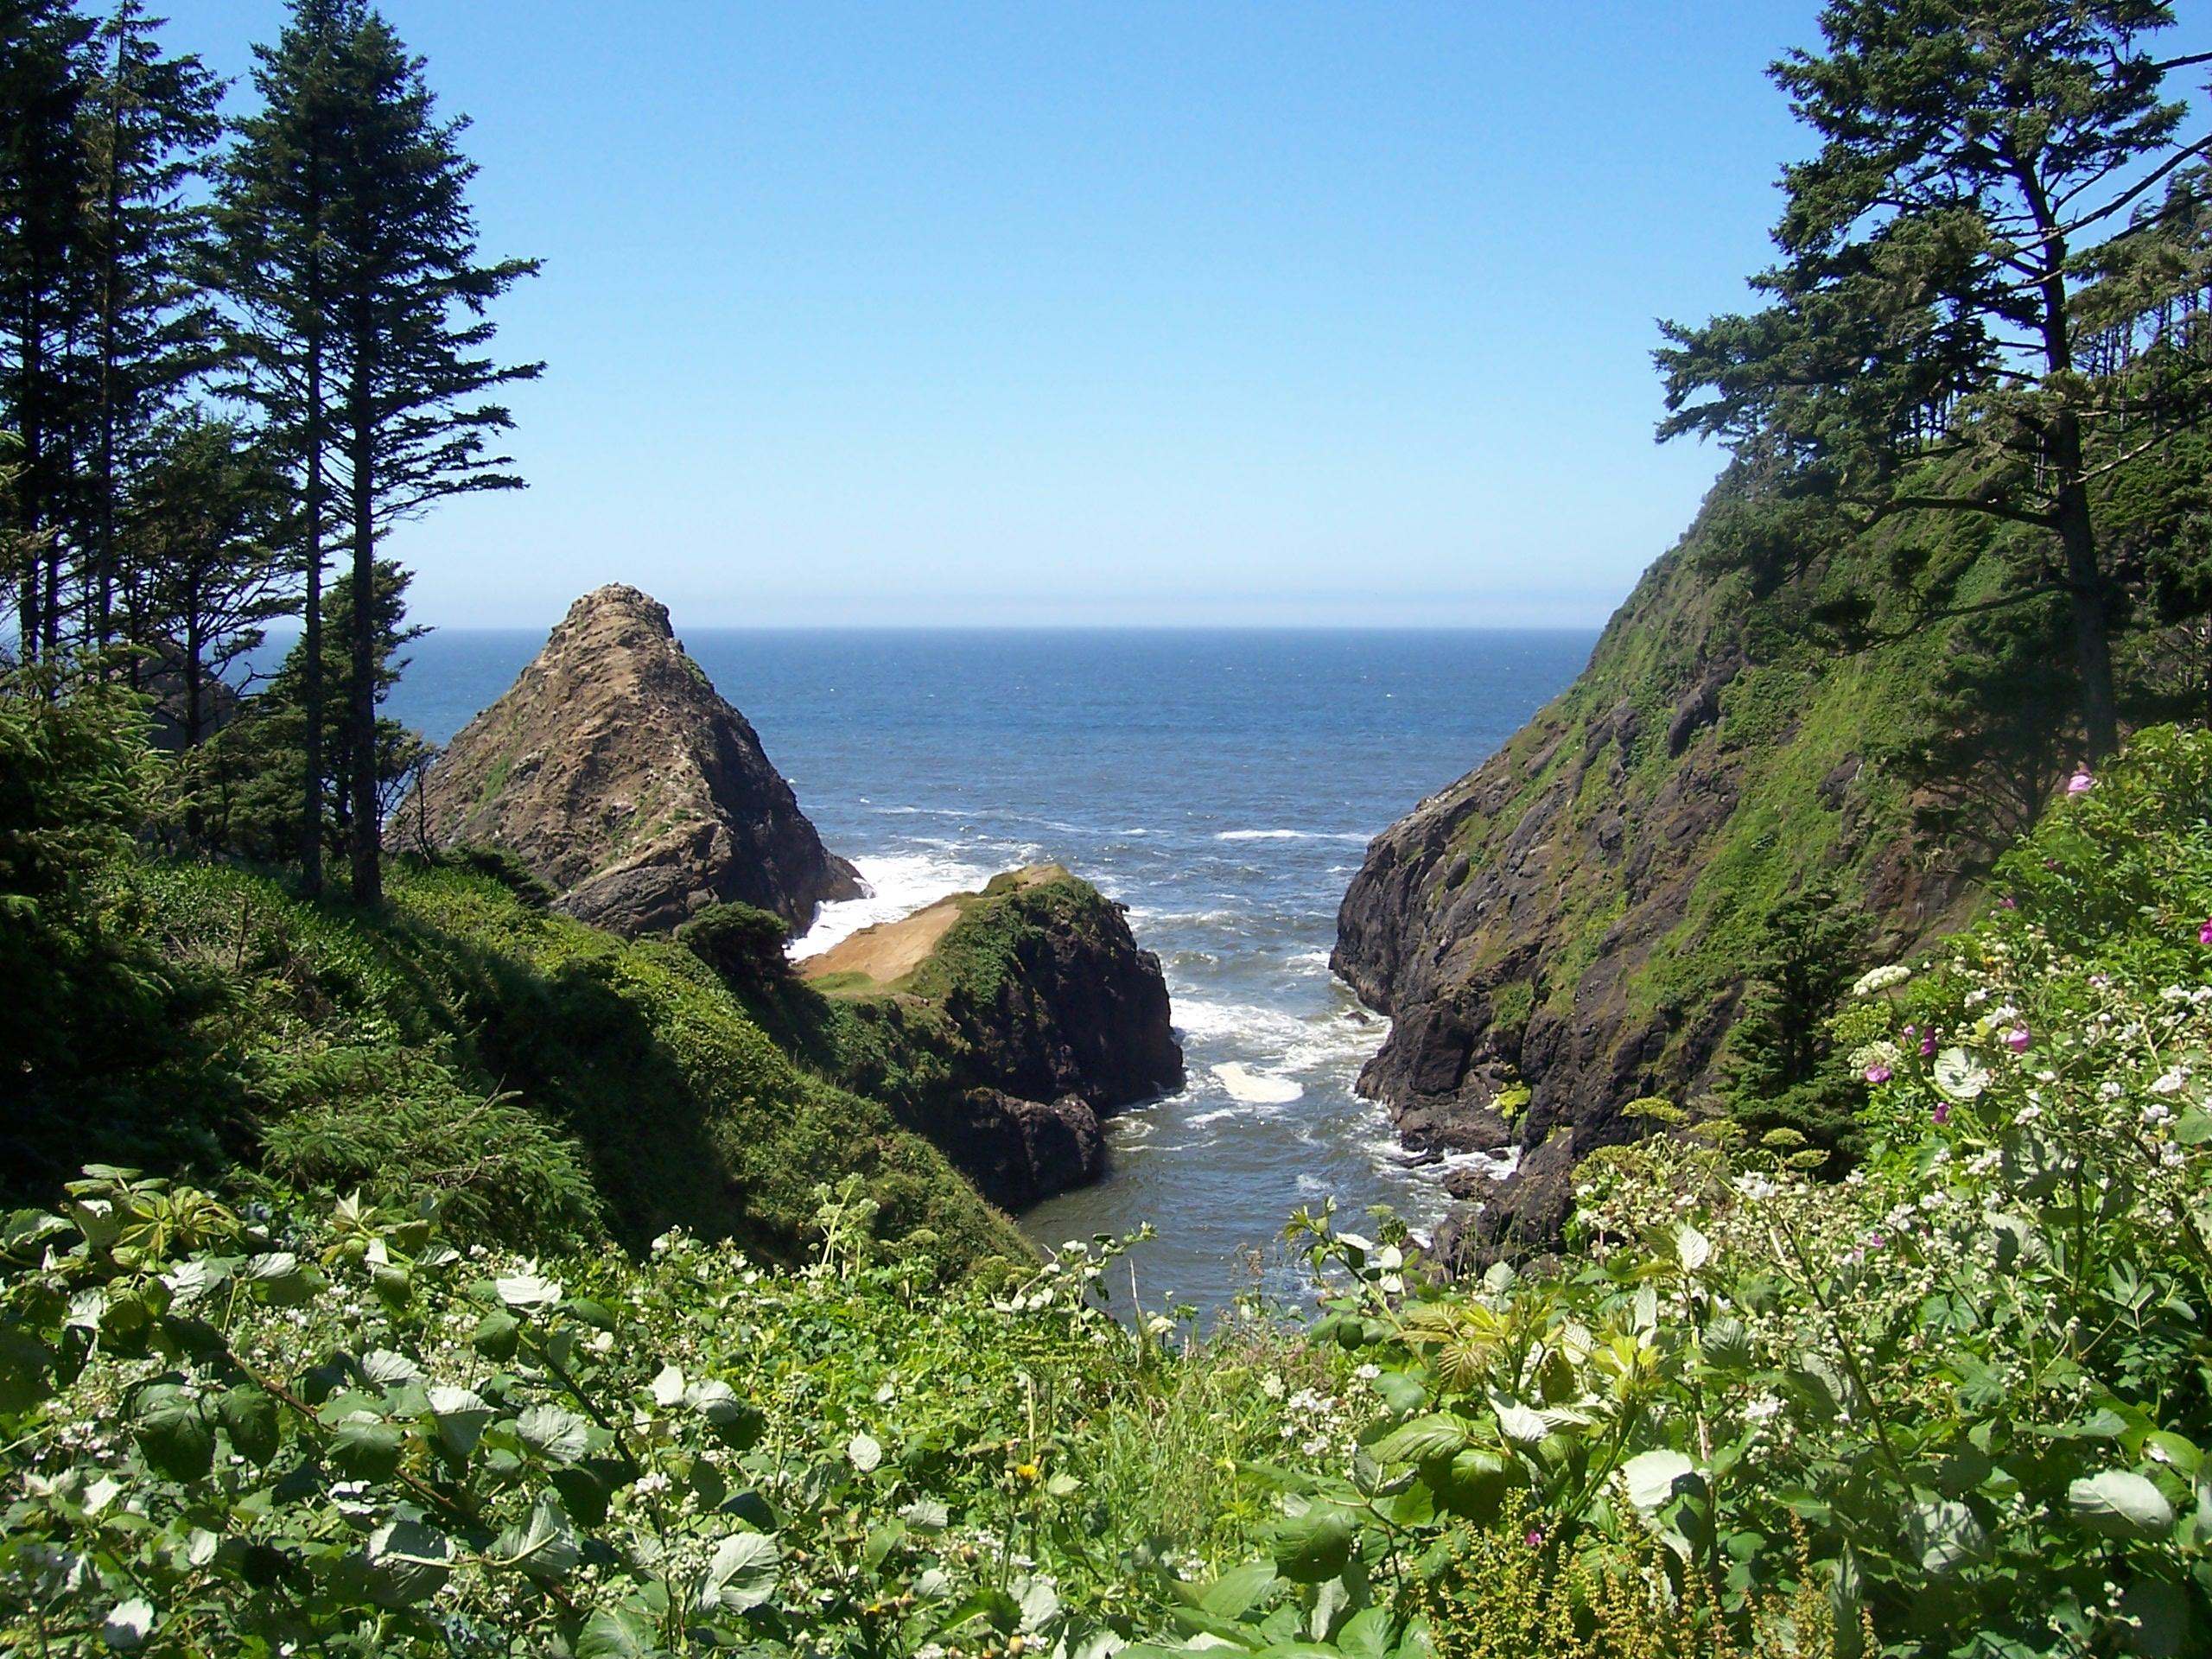 Finger of land between cliffs